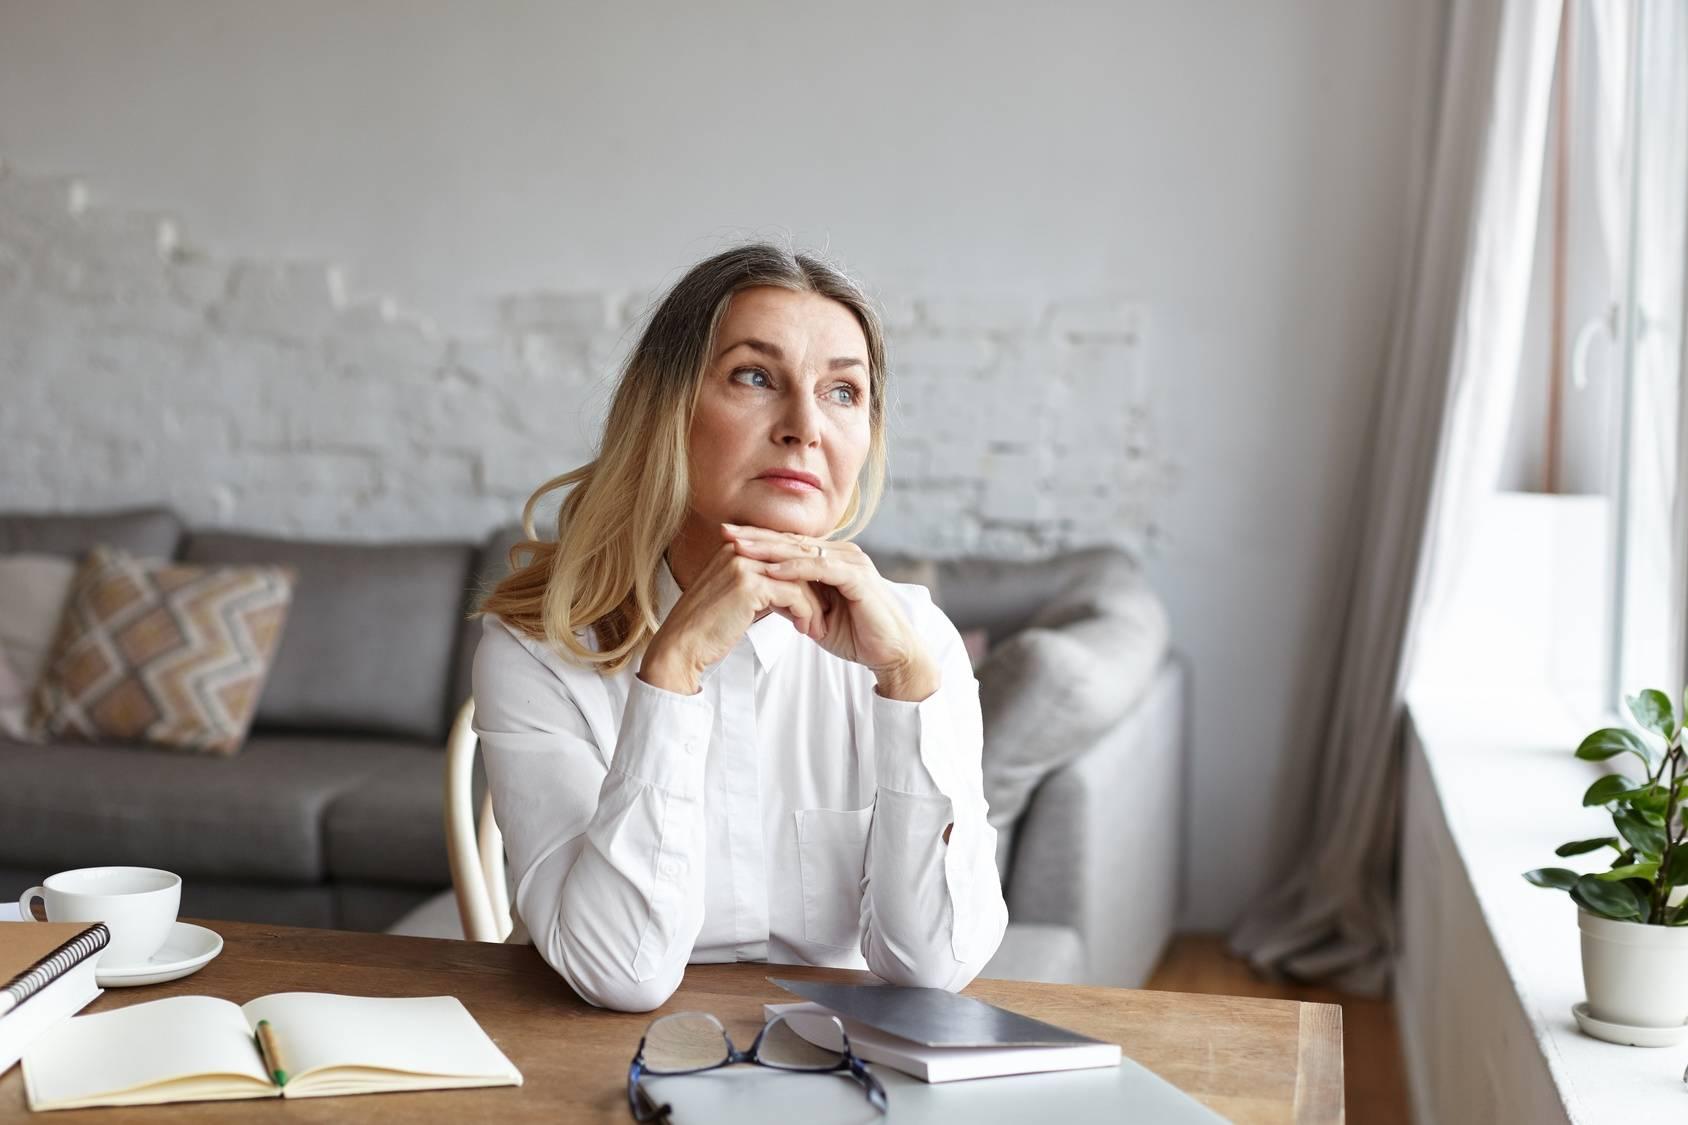 Jakie są sposoby radzenia dobie z zaburzonym shen serca wg medycyny chińskiej? Zamyślona starsza kobieta w białej koszuli wygląda przez okno, siedząc przy biurku.